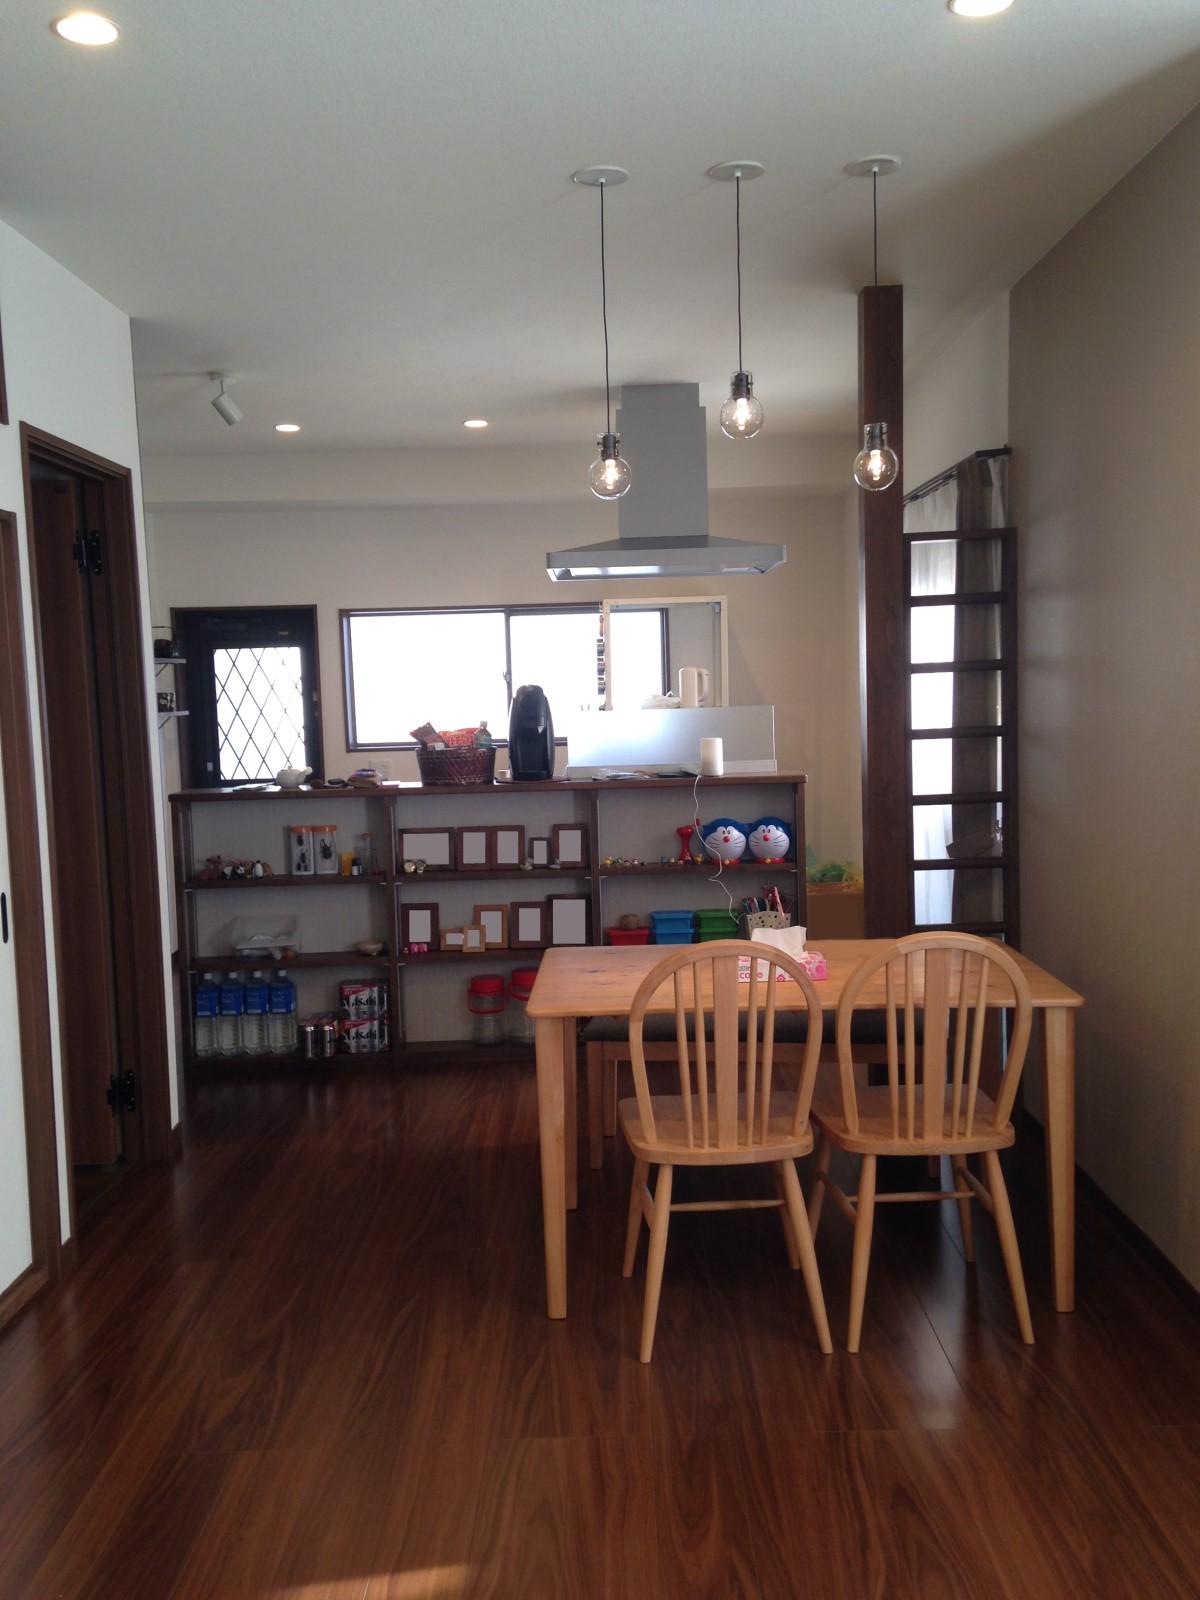 中古住宅のリノベーションーダイニングキッチンAfter